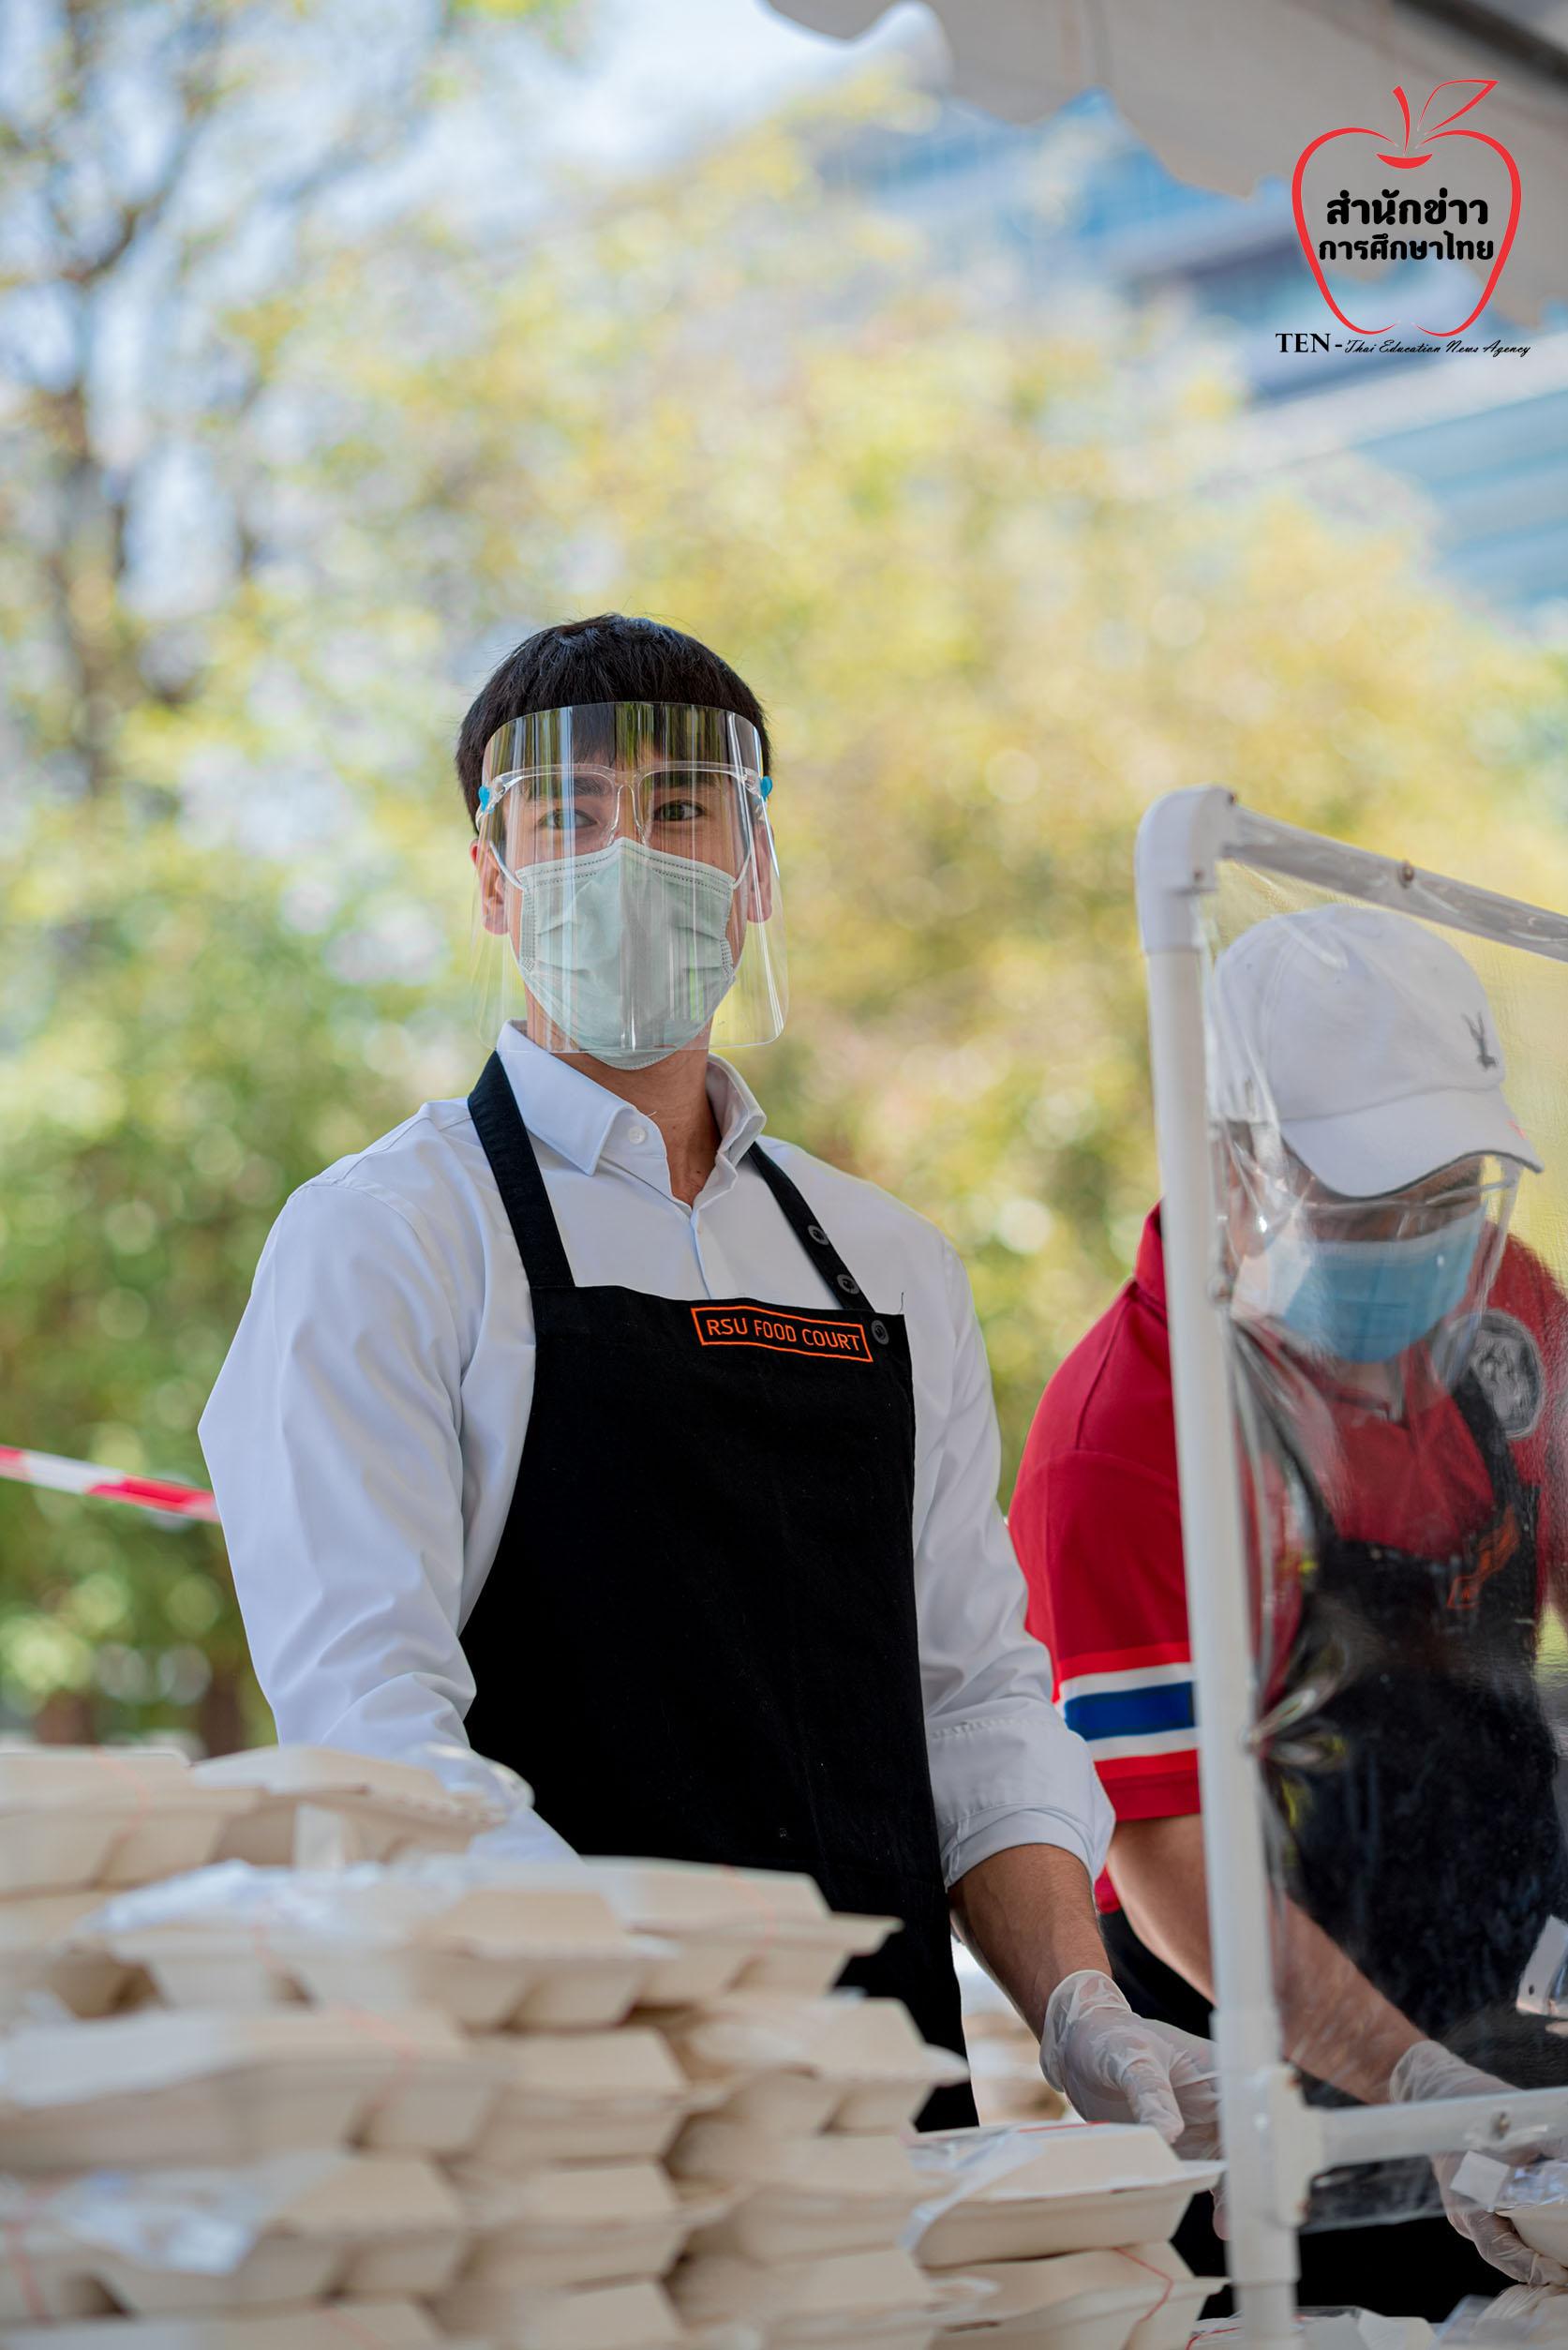 """ณเดชน์ คูกิมิยะ ร่วมเป็นจิตอาสา แจกข้าวกล่องที่ """"ครัวรังสิต"""" สู้ภัยโควิด-19"""